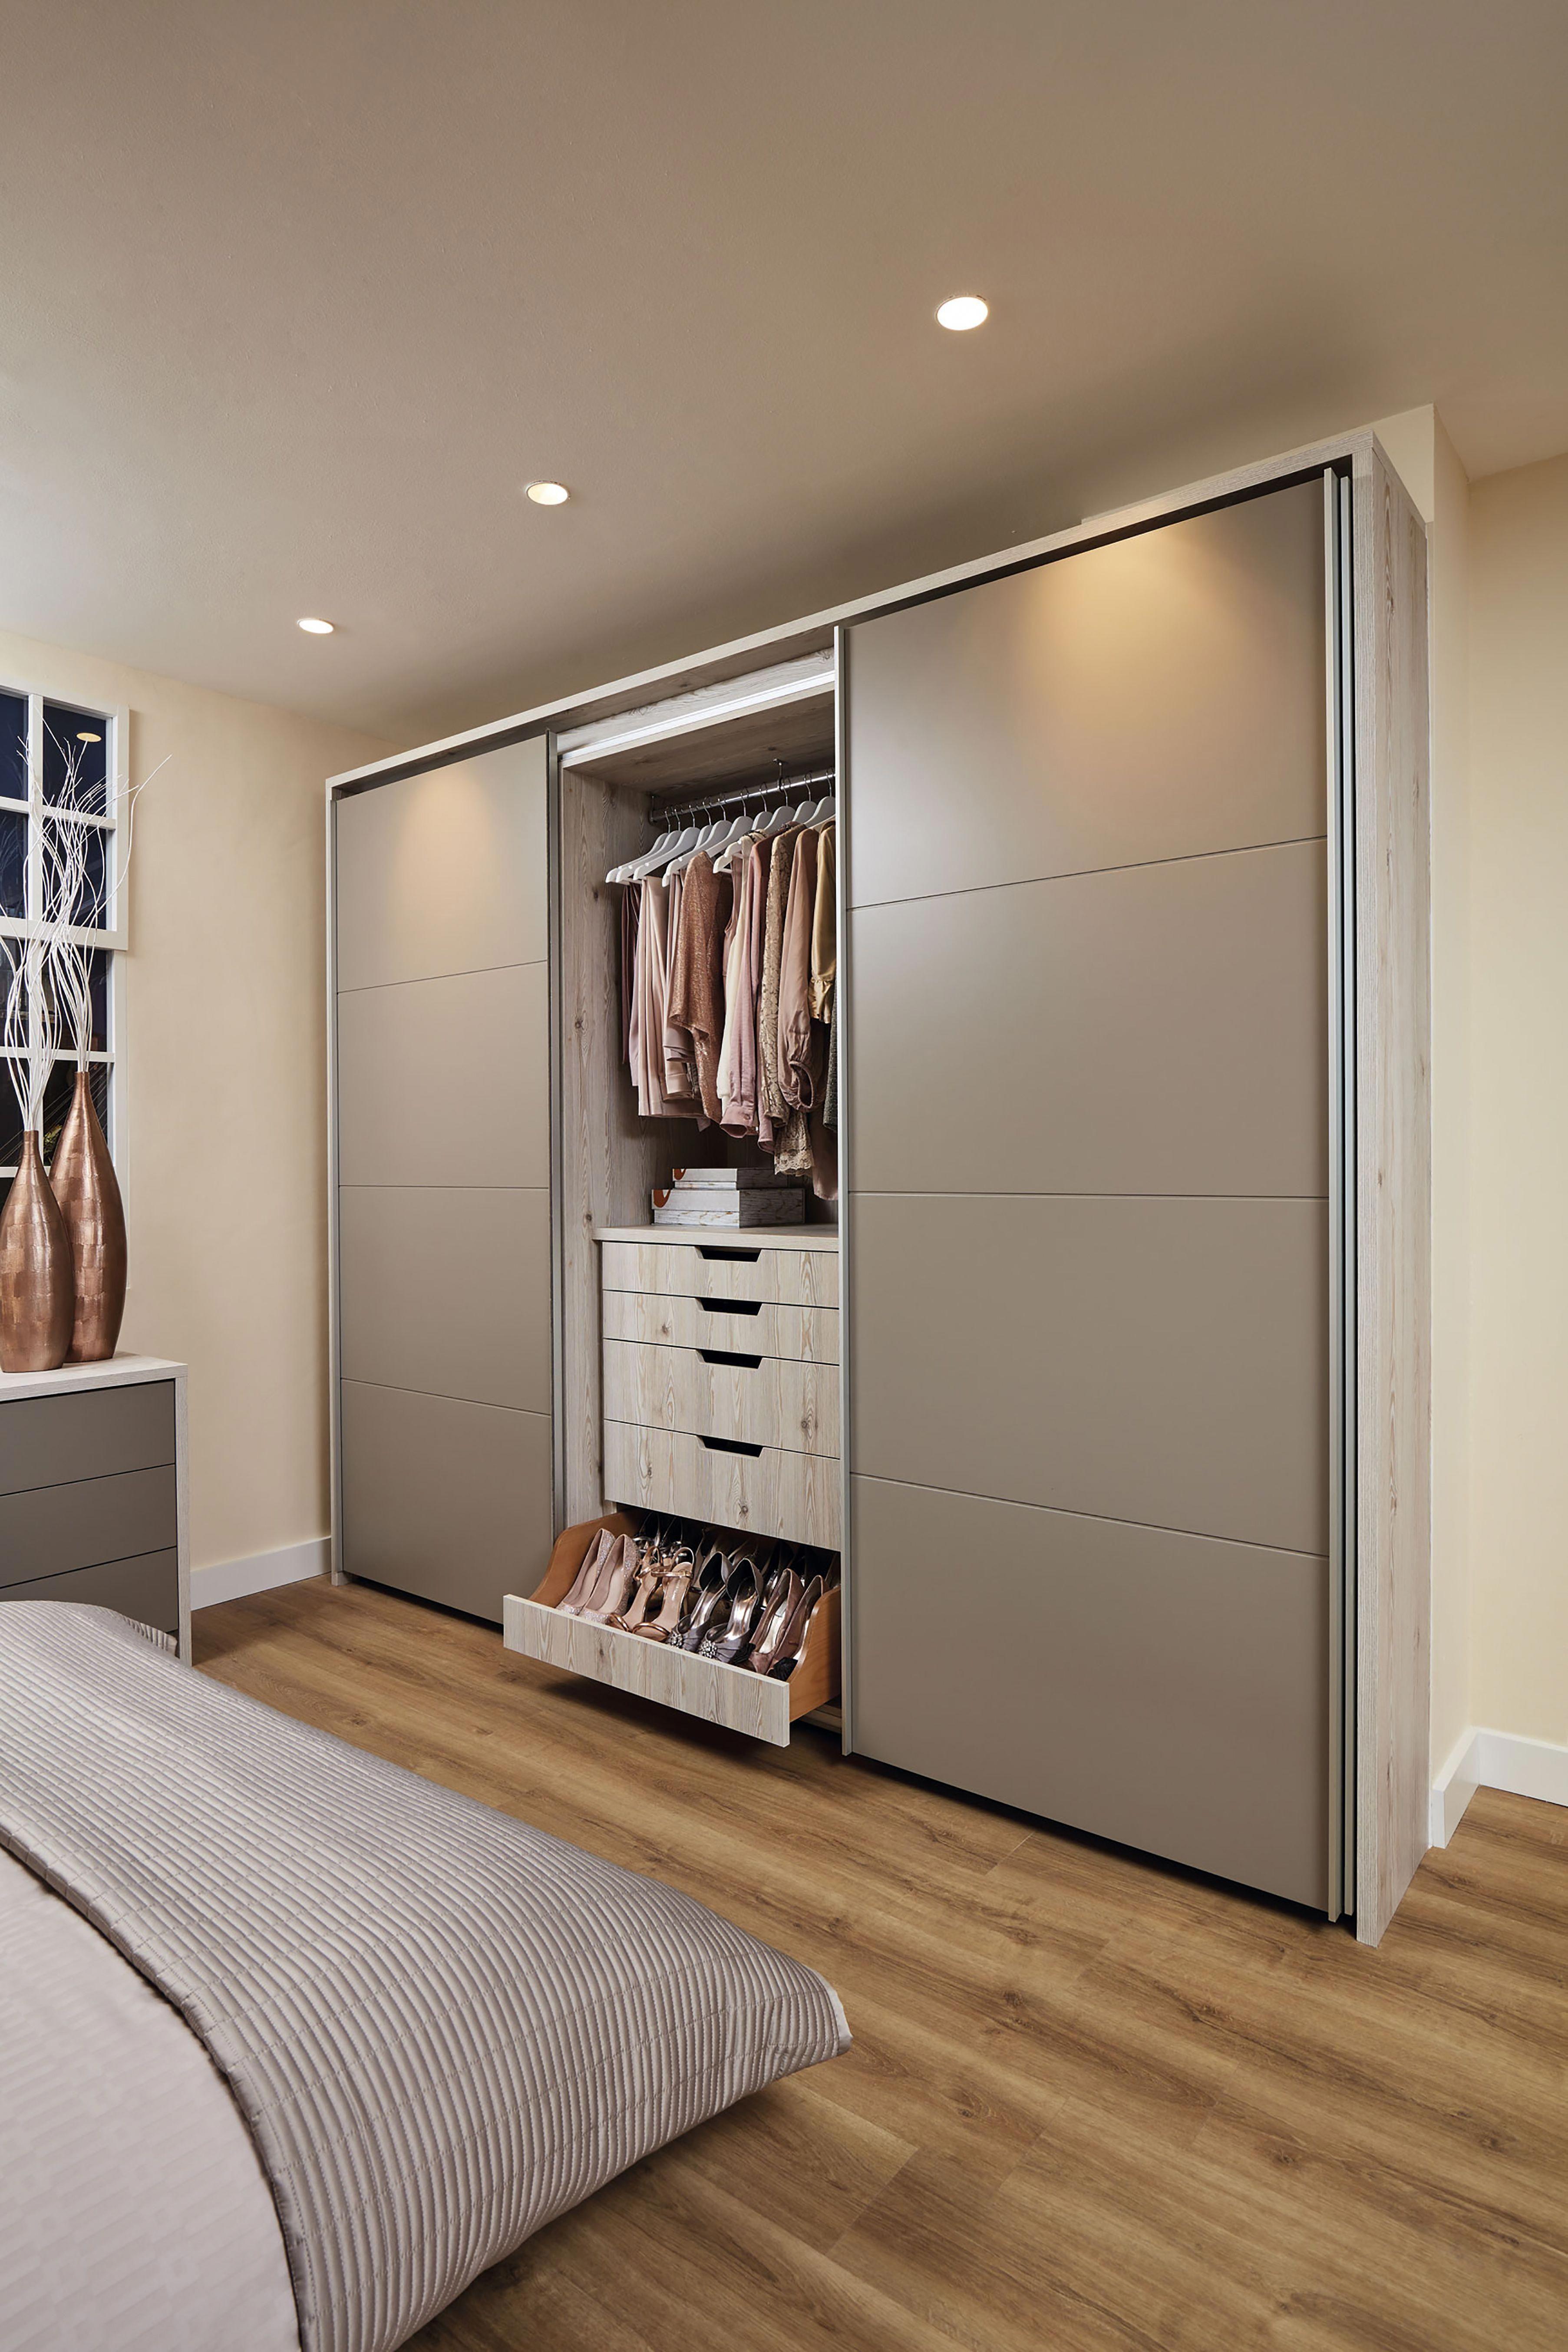 Bedroom Furniture With Integrated Shoe Storage And Bespoke Accessories Drawer Bedroommi Bedroom Cupboard Designs Wardrobe Design Bedroom Bedroom Closet Design